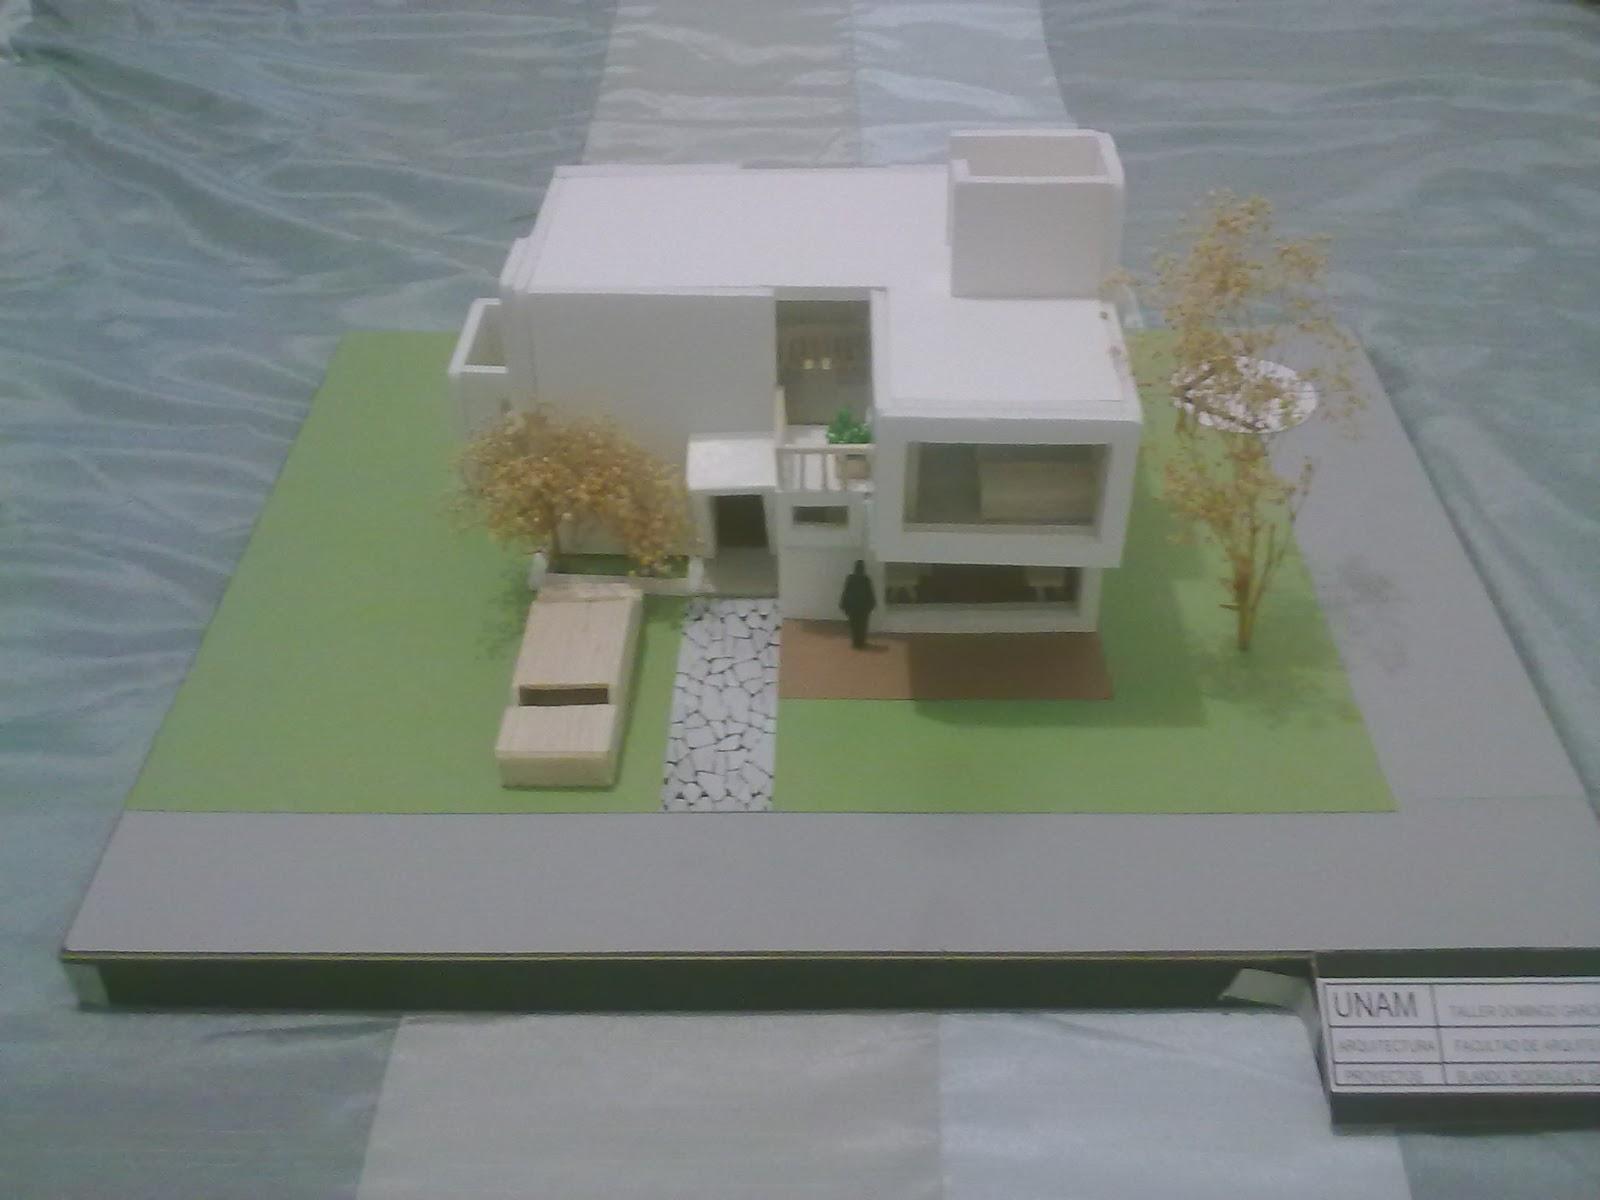 Investigaci n 2013 1 los arquis noviembre 2012 for Las medidas de una casa xavier fonseca pdf gratis